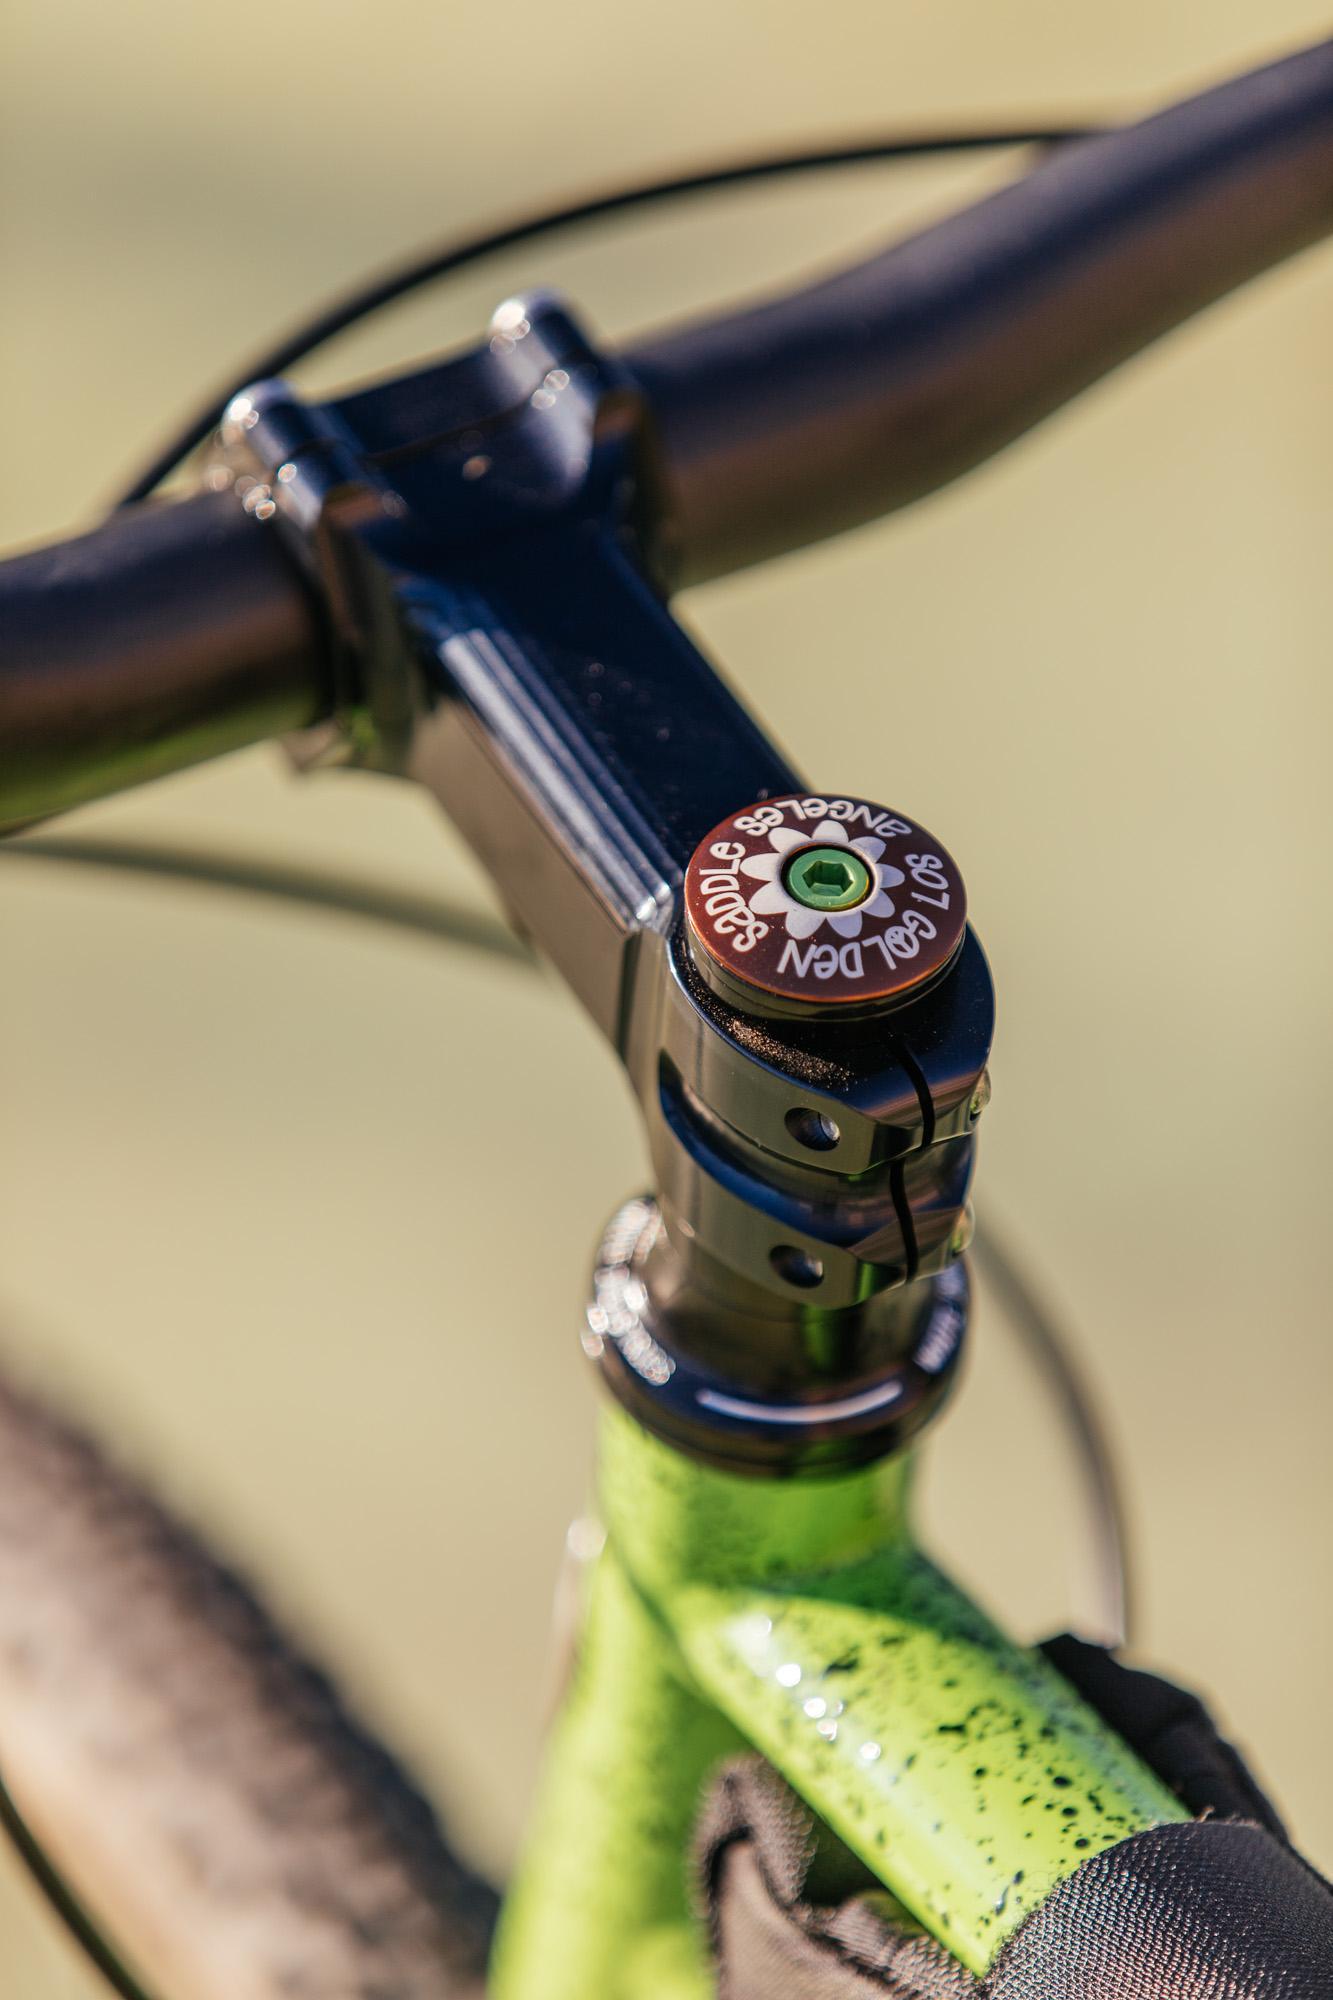 Kyle's Flat Bar All-City Nature Boy ACE 'Cross Bike